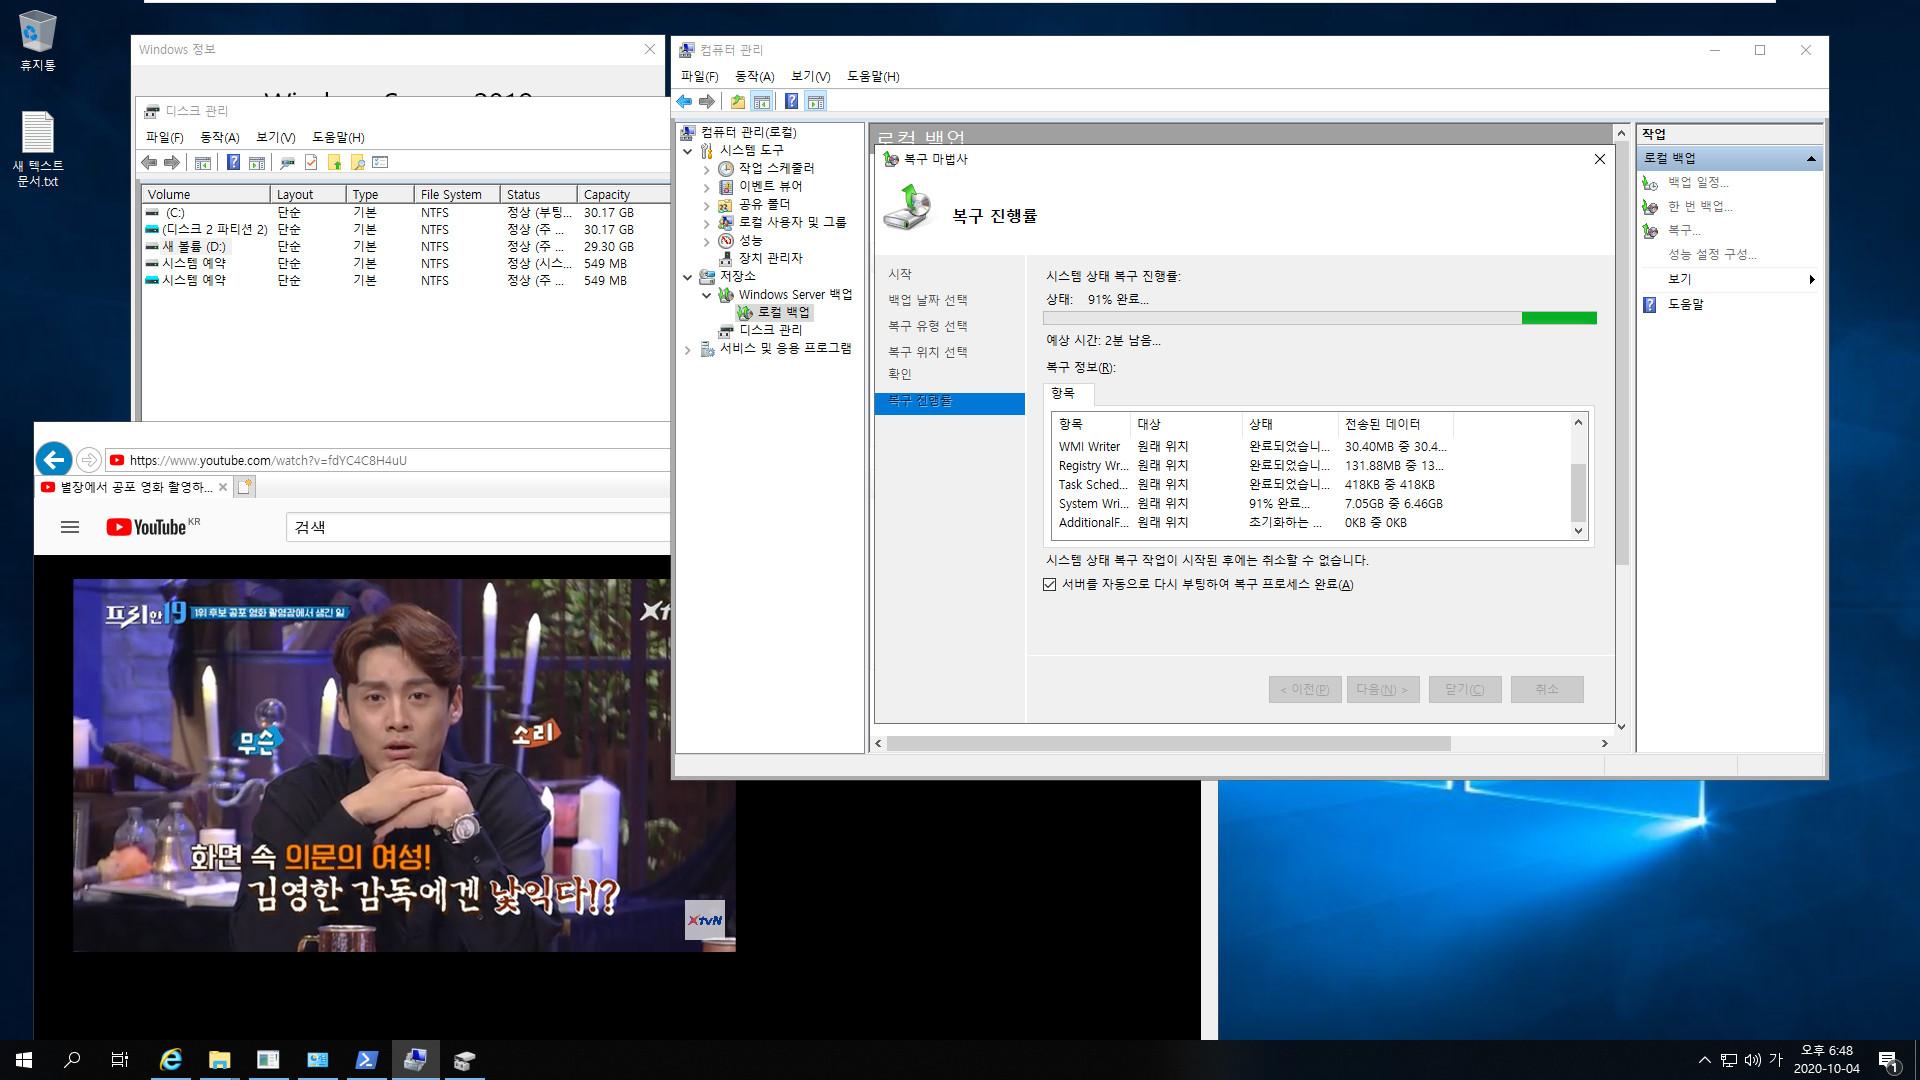 윈도우 서버군은 윈도우 사용중에도 자체 WBadmin 명령으로 윈도우 복구를 합니다 - Windows Server 2019로 복구 테스트 2020-10-04_184842.jpg